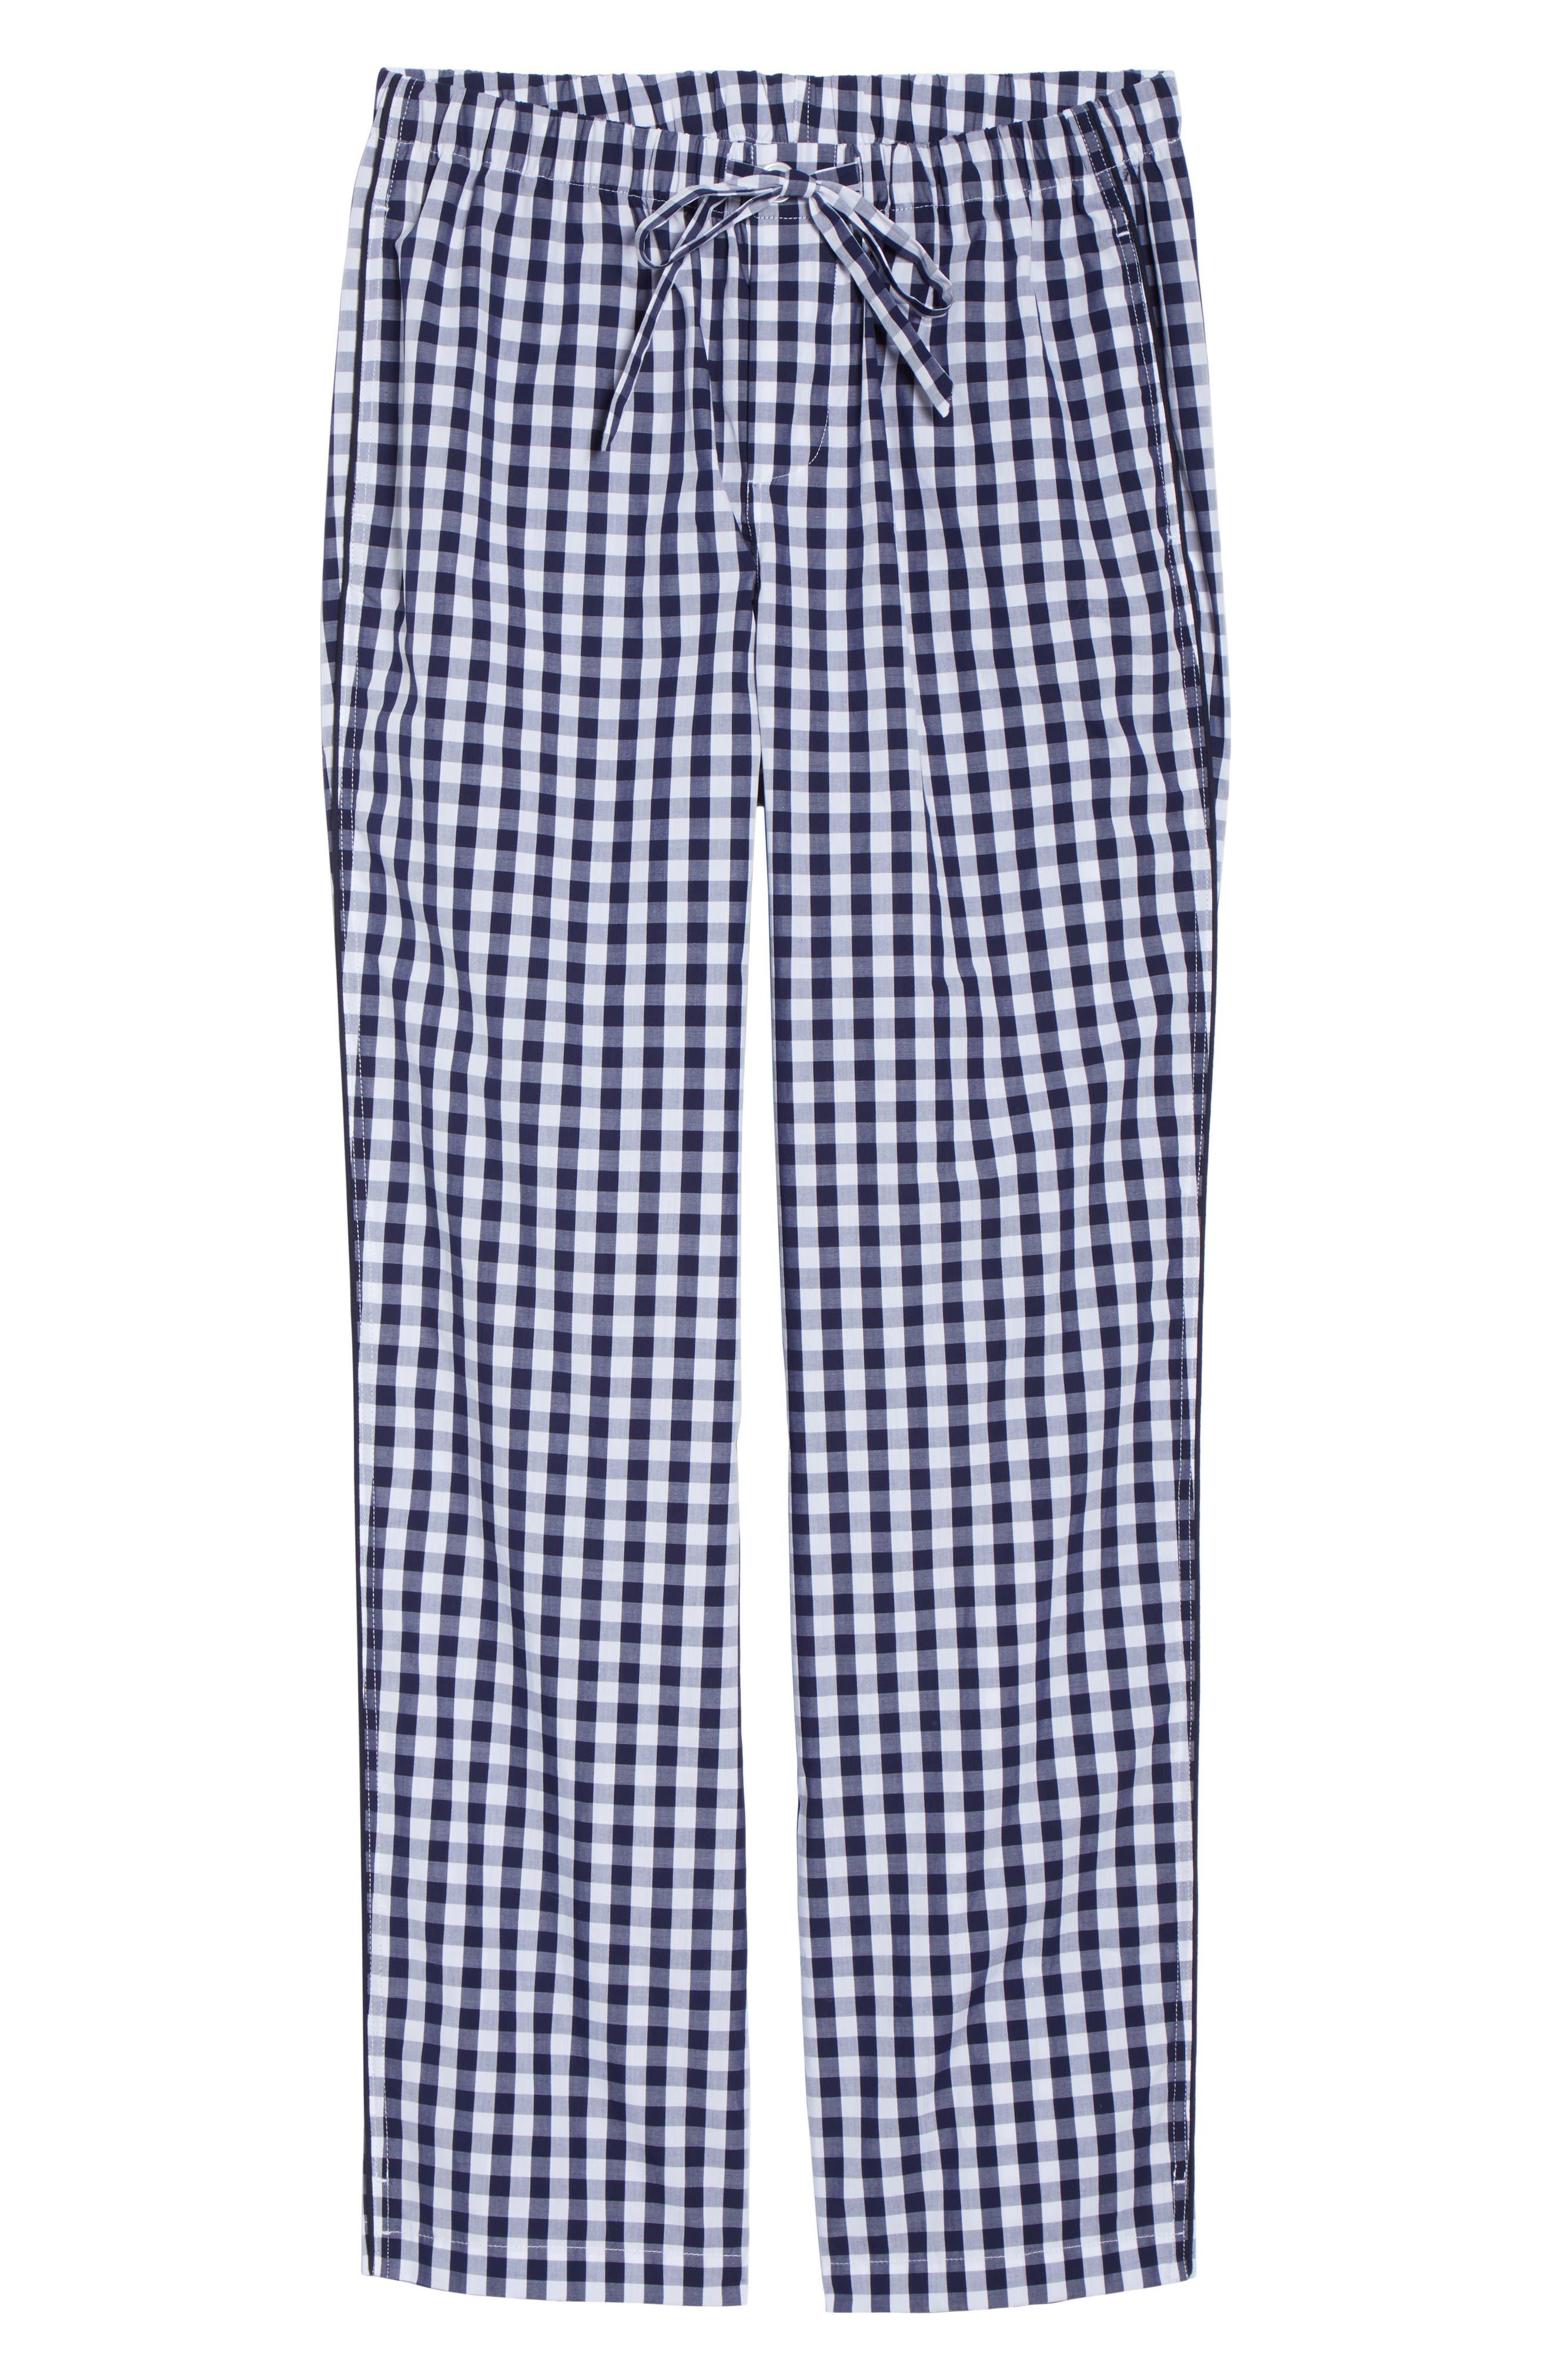 SLEEPY JONES Pajama Pants in Large Gingham Blue